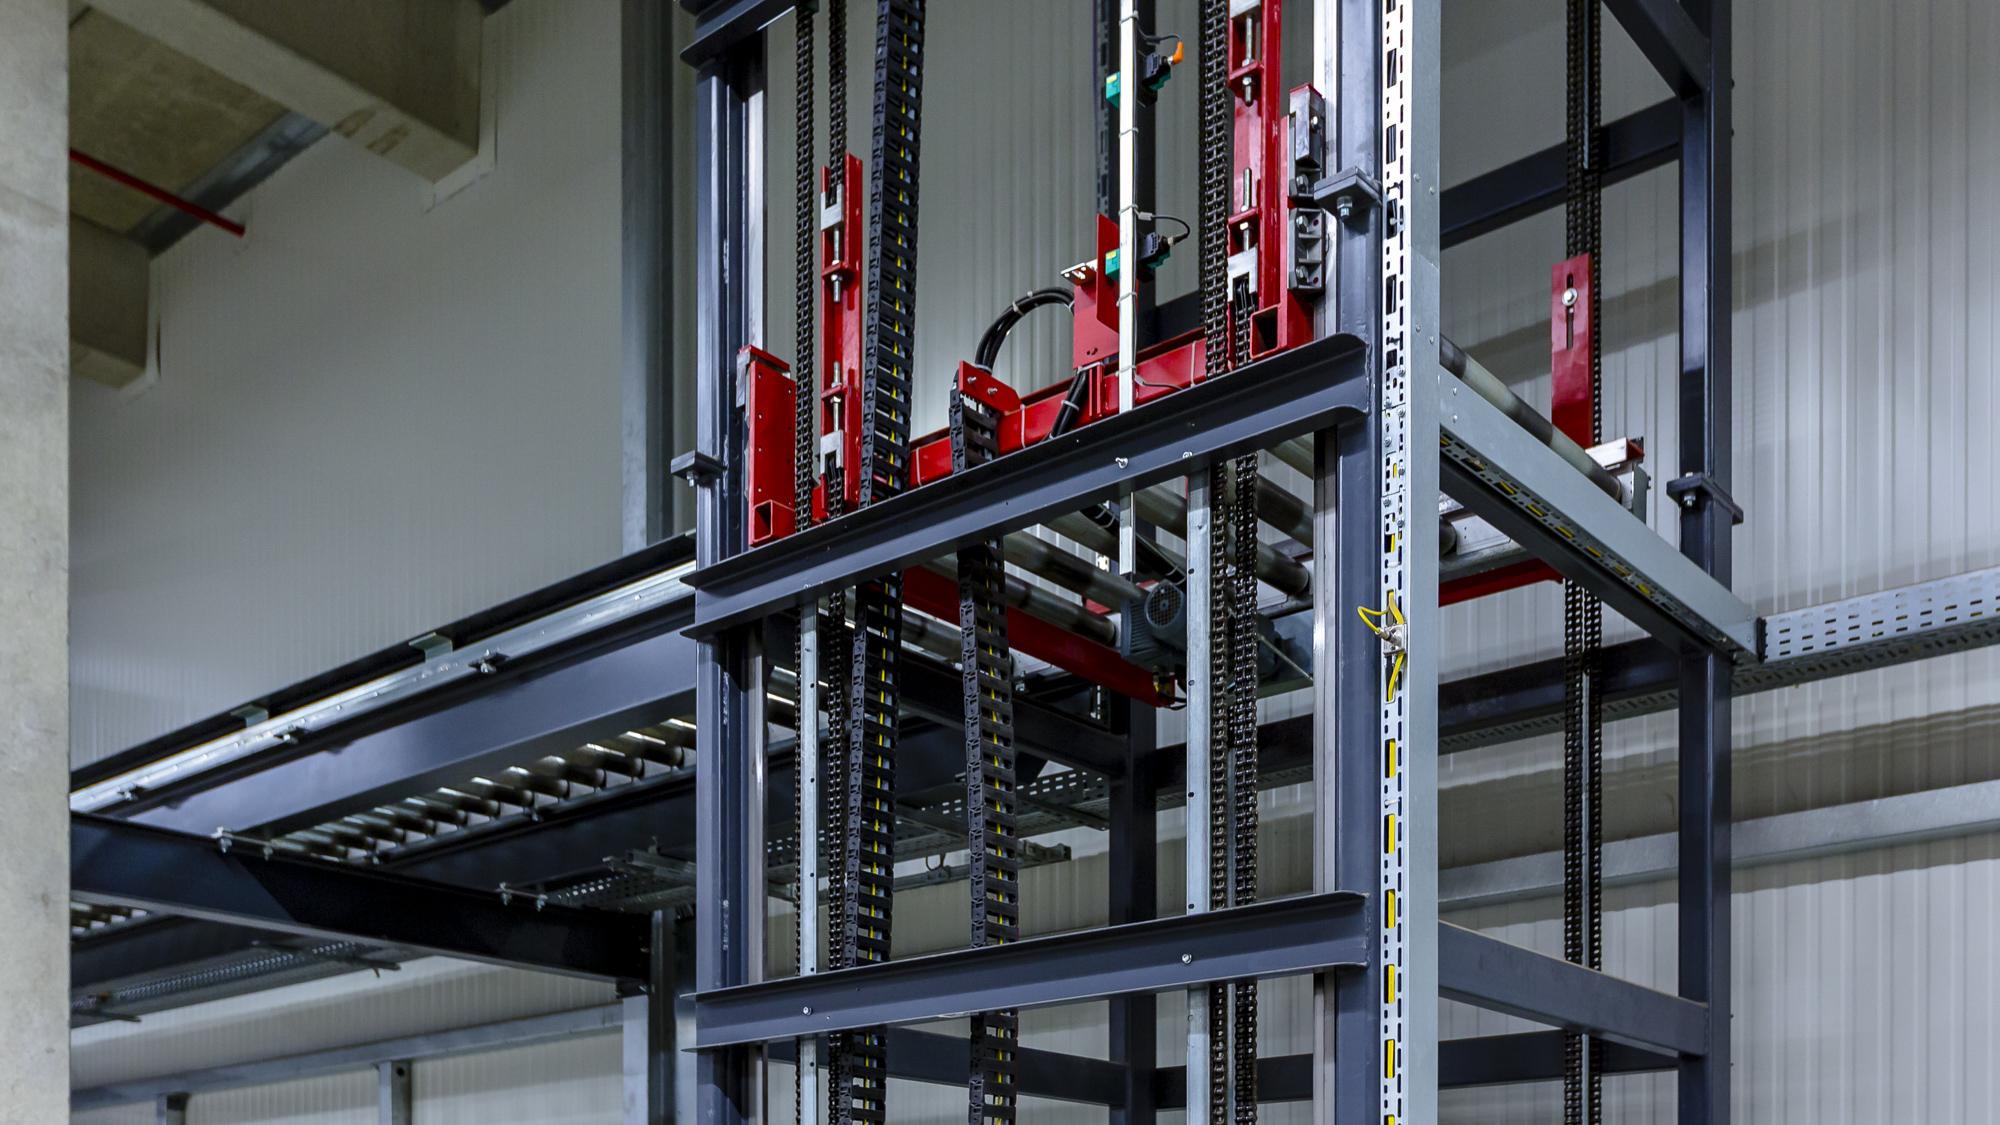 180328-Ritzenhoff-Vertikalfoerderer-mit-Bru-ckenloesung-Automatisiert-Pufferstation-07.jpg